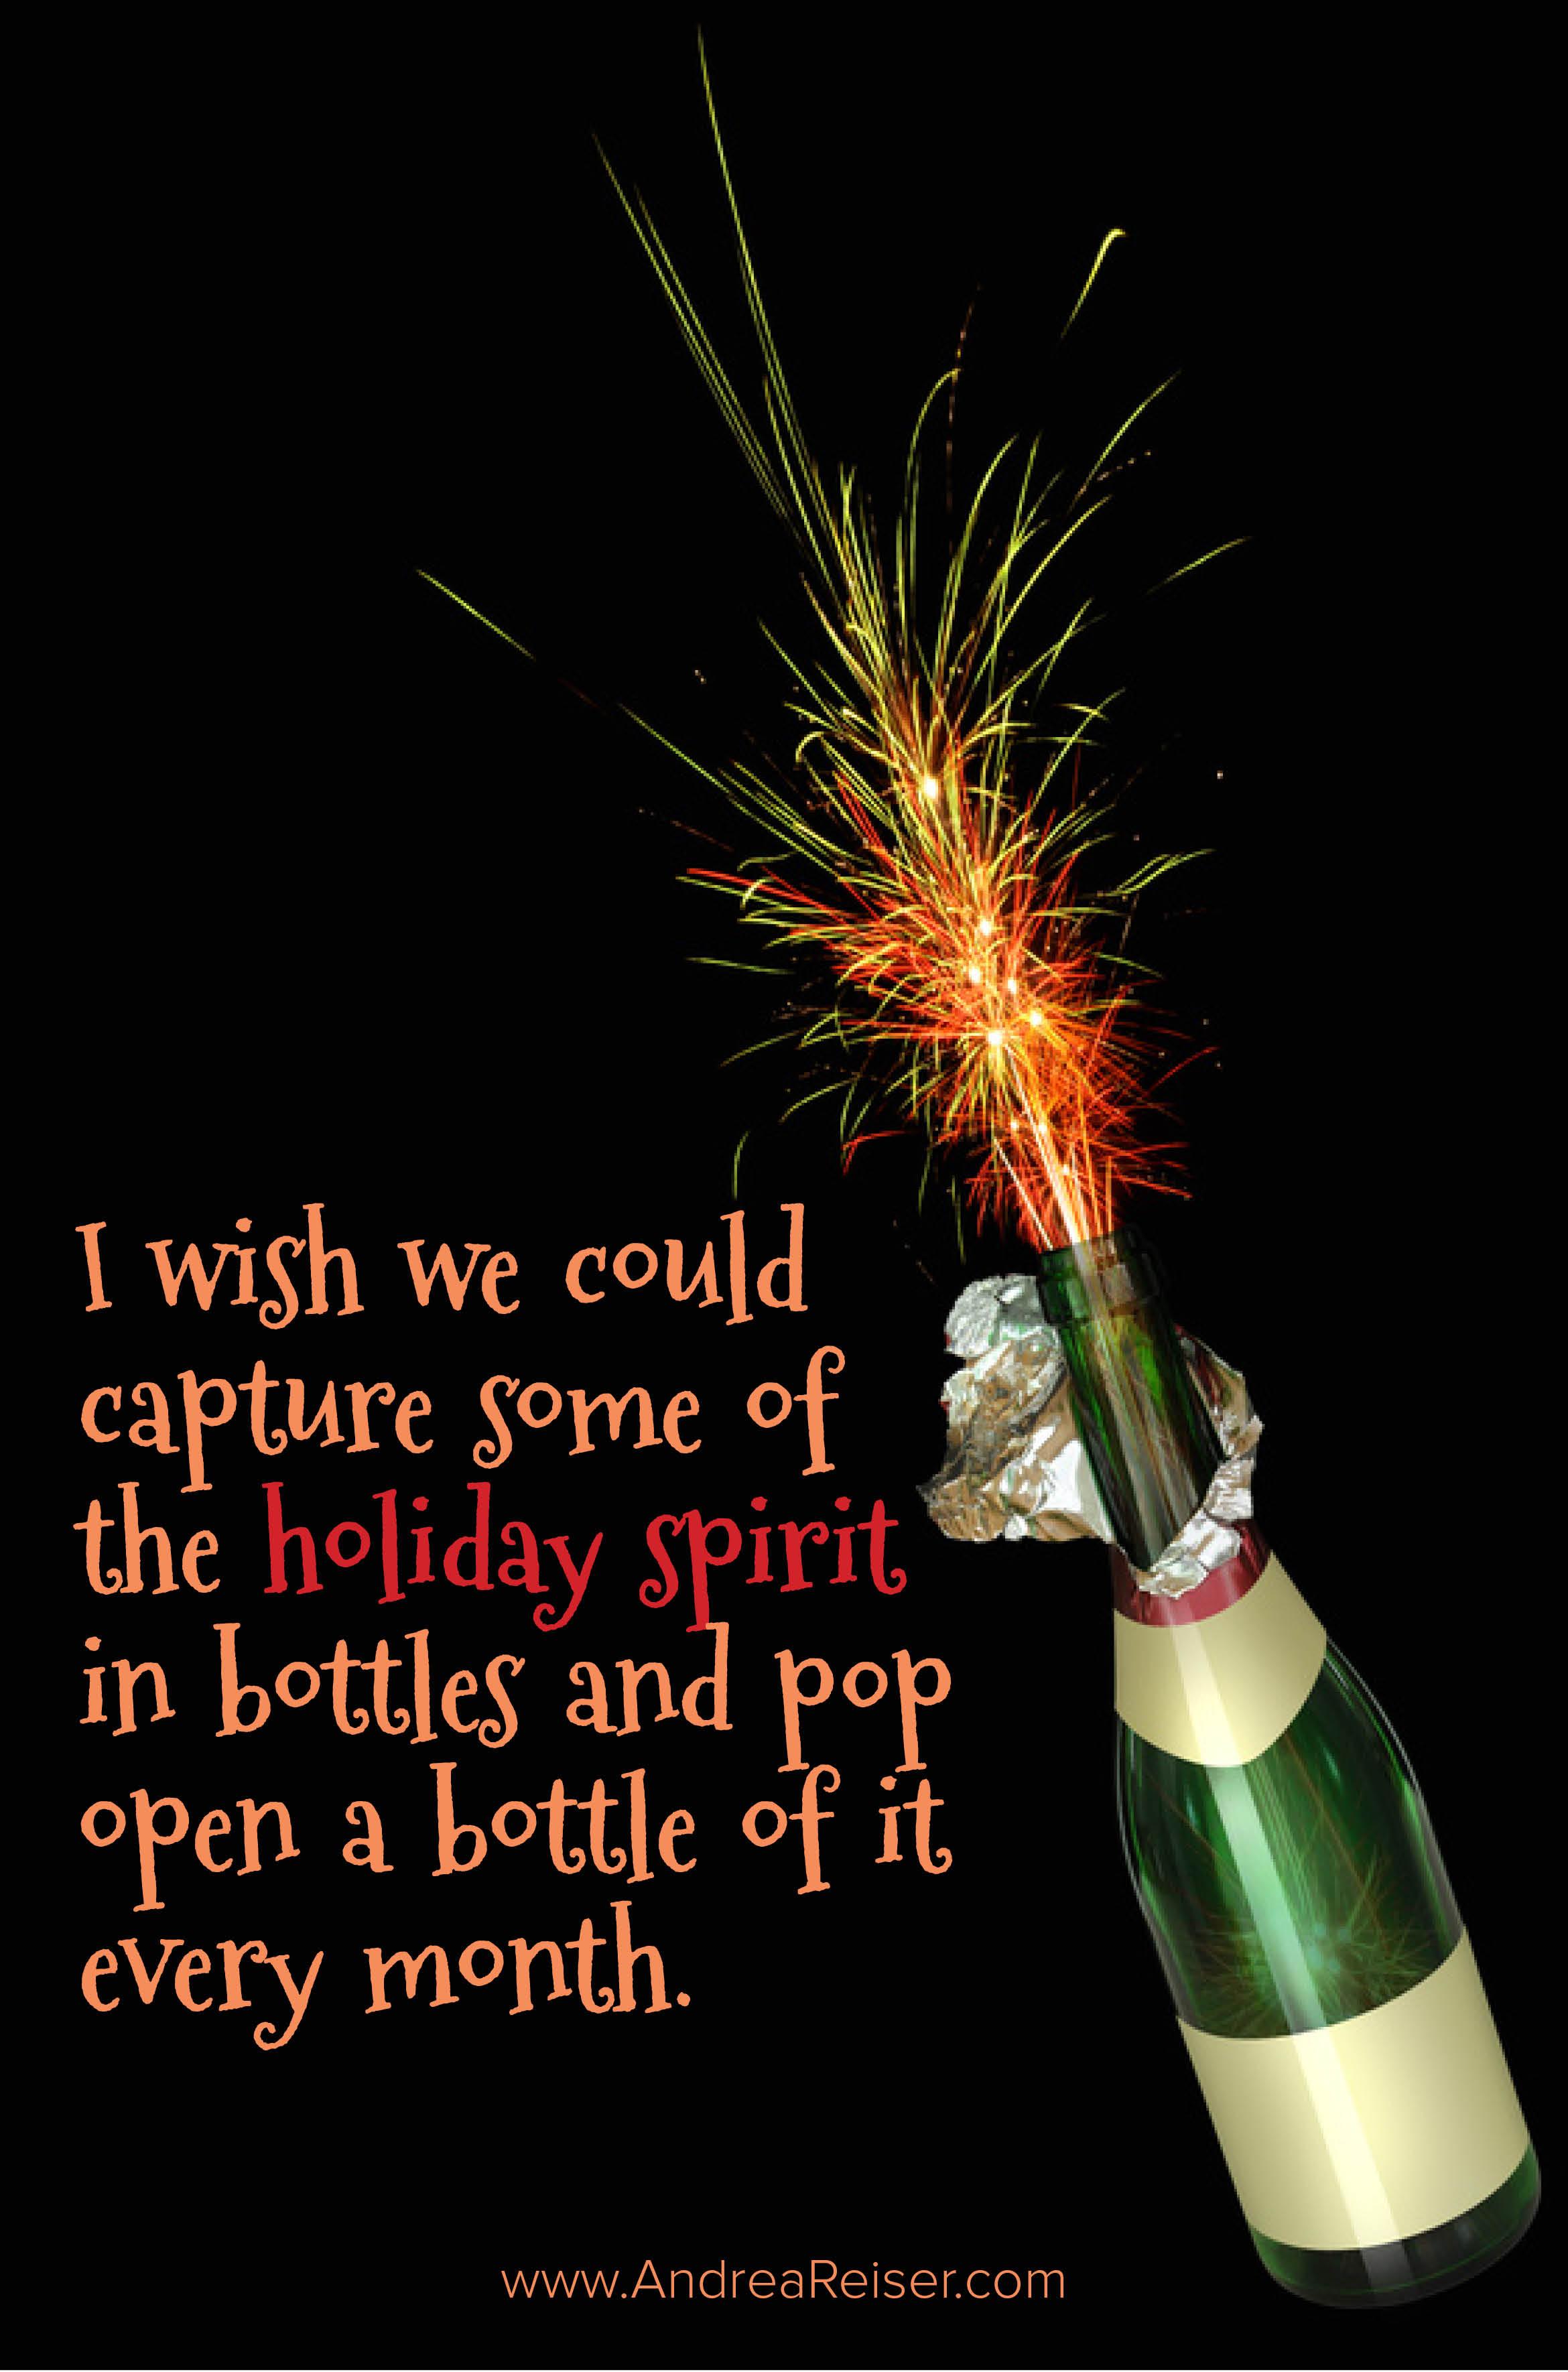 Holiday Spirit Images Bottle Holiday Spirit